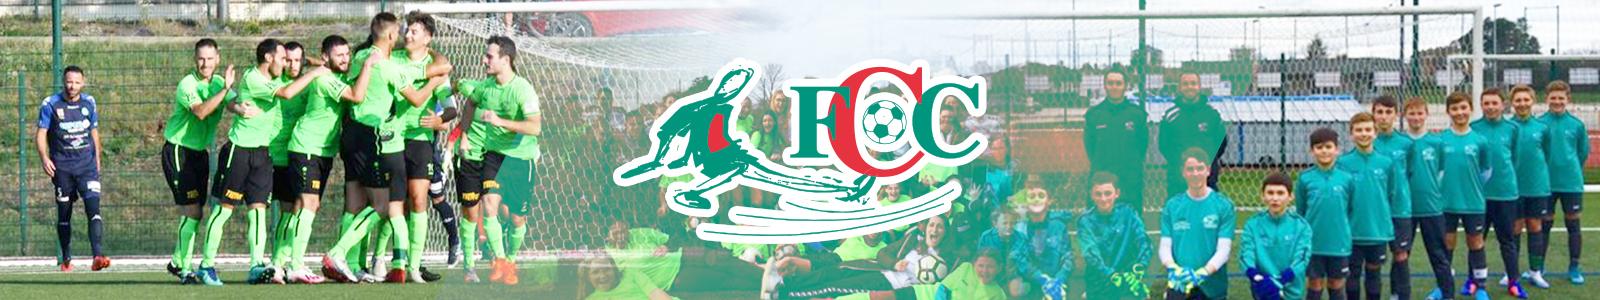 Football Club de champagnole : site officiel du club de foot de CHAMPAGNOLE - footeo